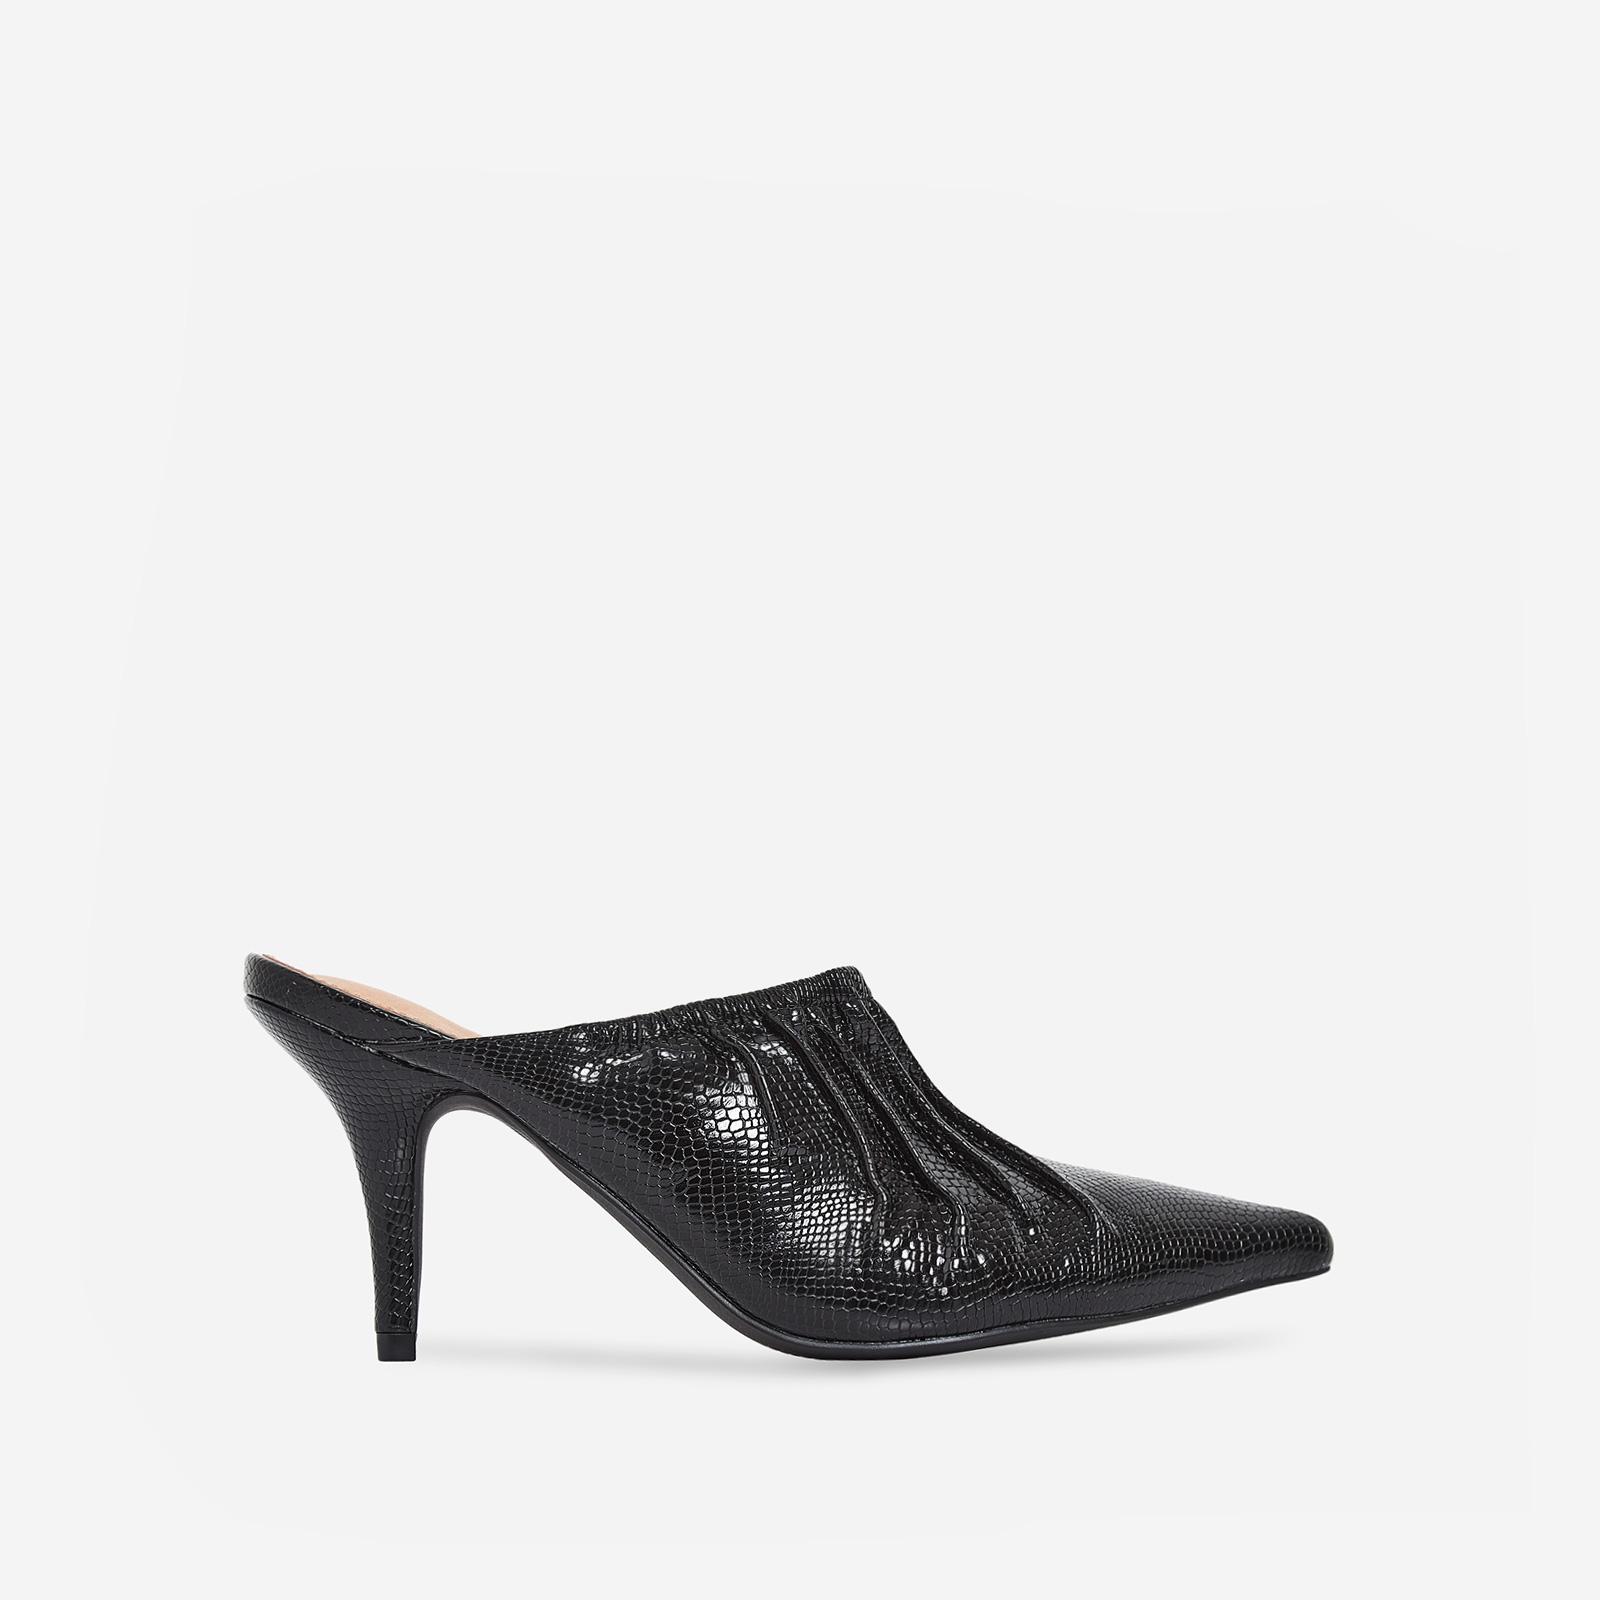 Kenza Pointed Heel Mule In Black Snake Print Patent